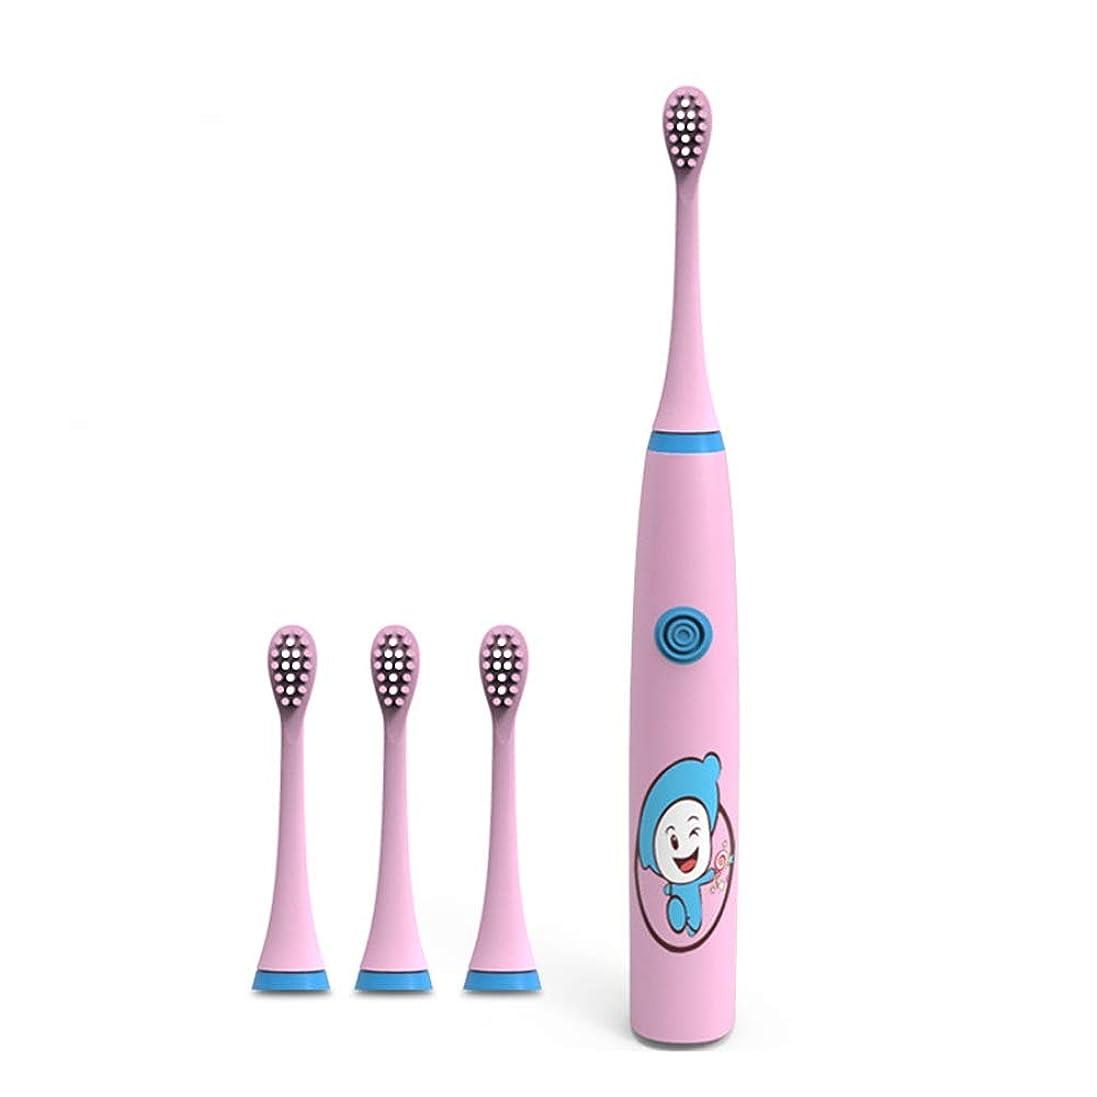 耐久性のある子供用電動歯ブラシはUSB充電ベースで防水ソフトヘアクリーンかわいい歯ブラシ 完璧な旅の道連れ (色 : ピンク, サイズ : Free size)